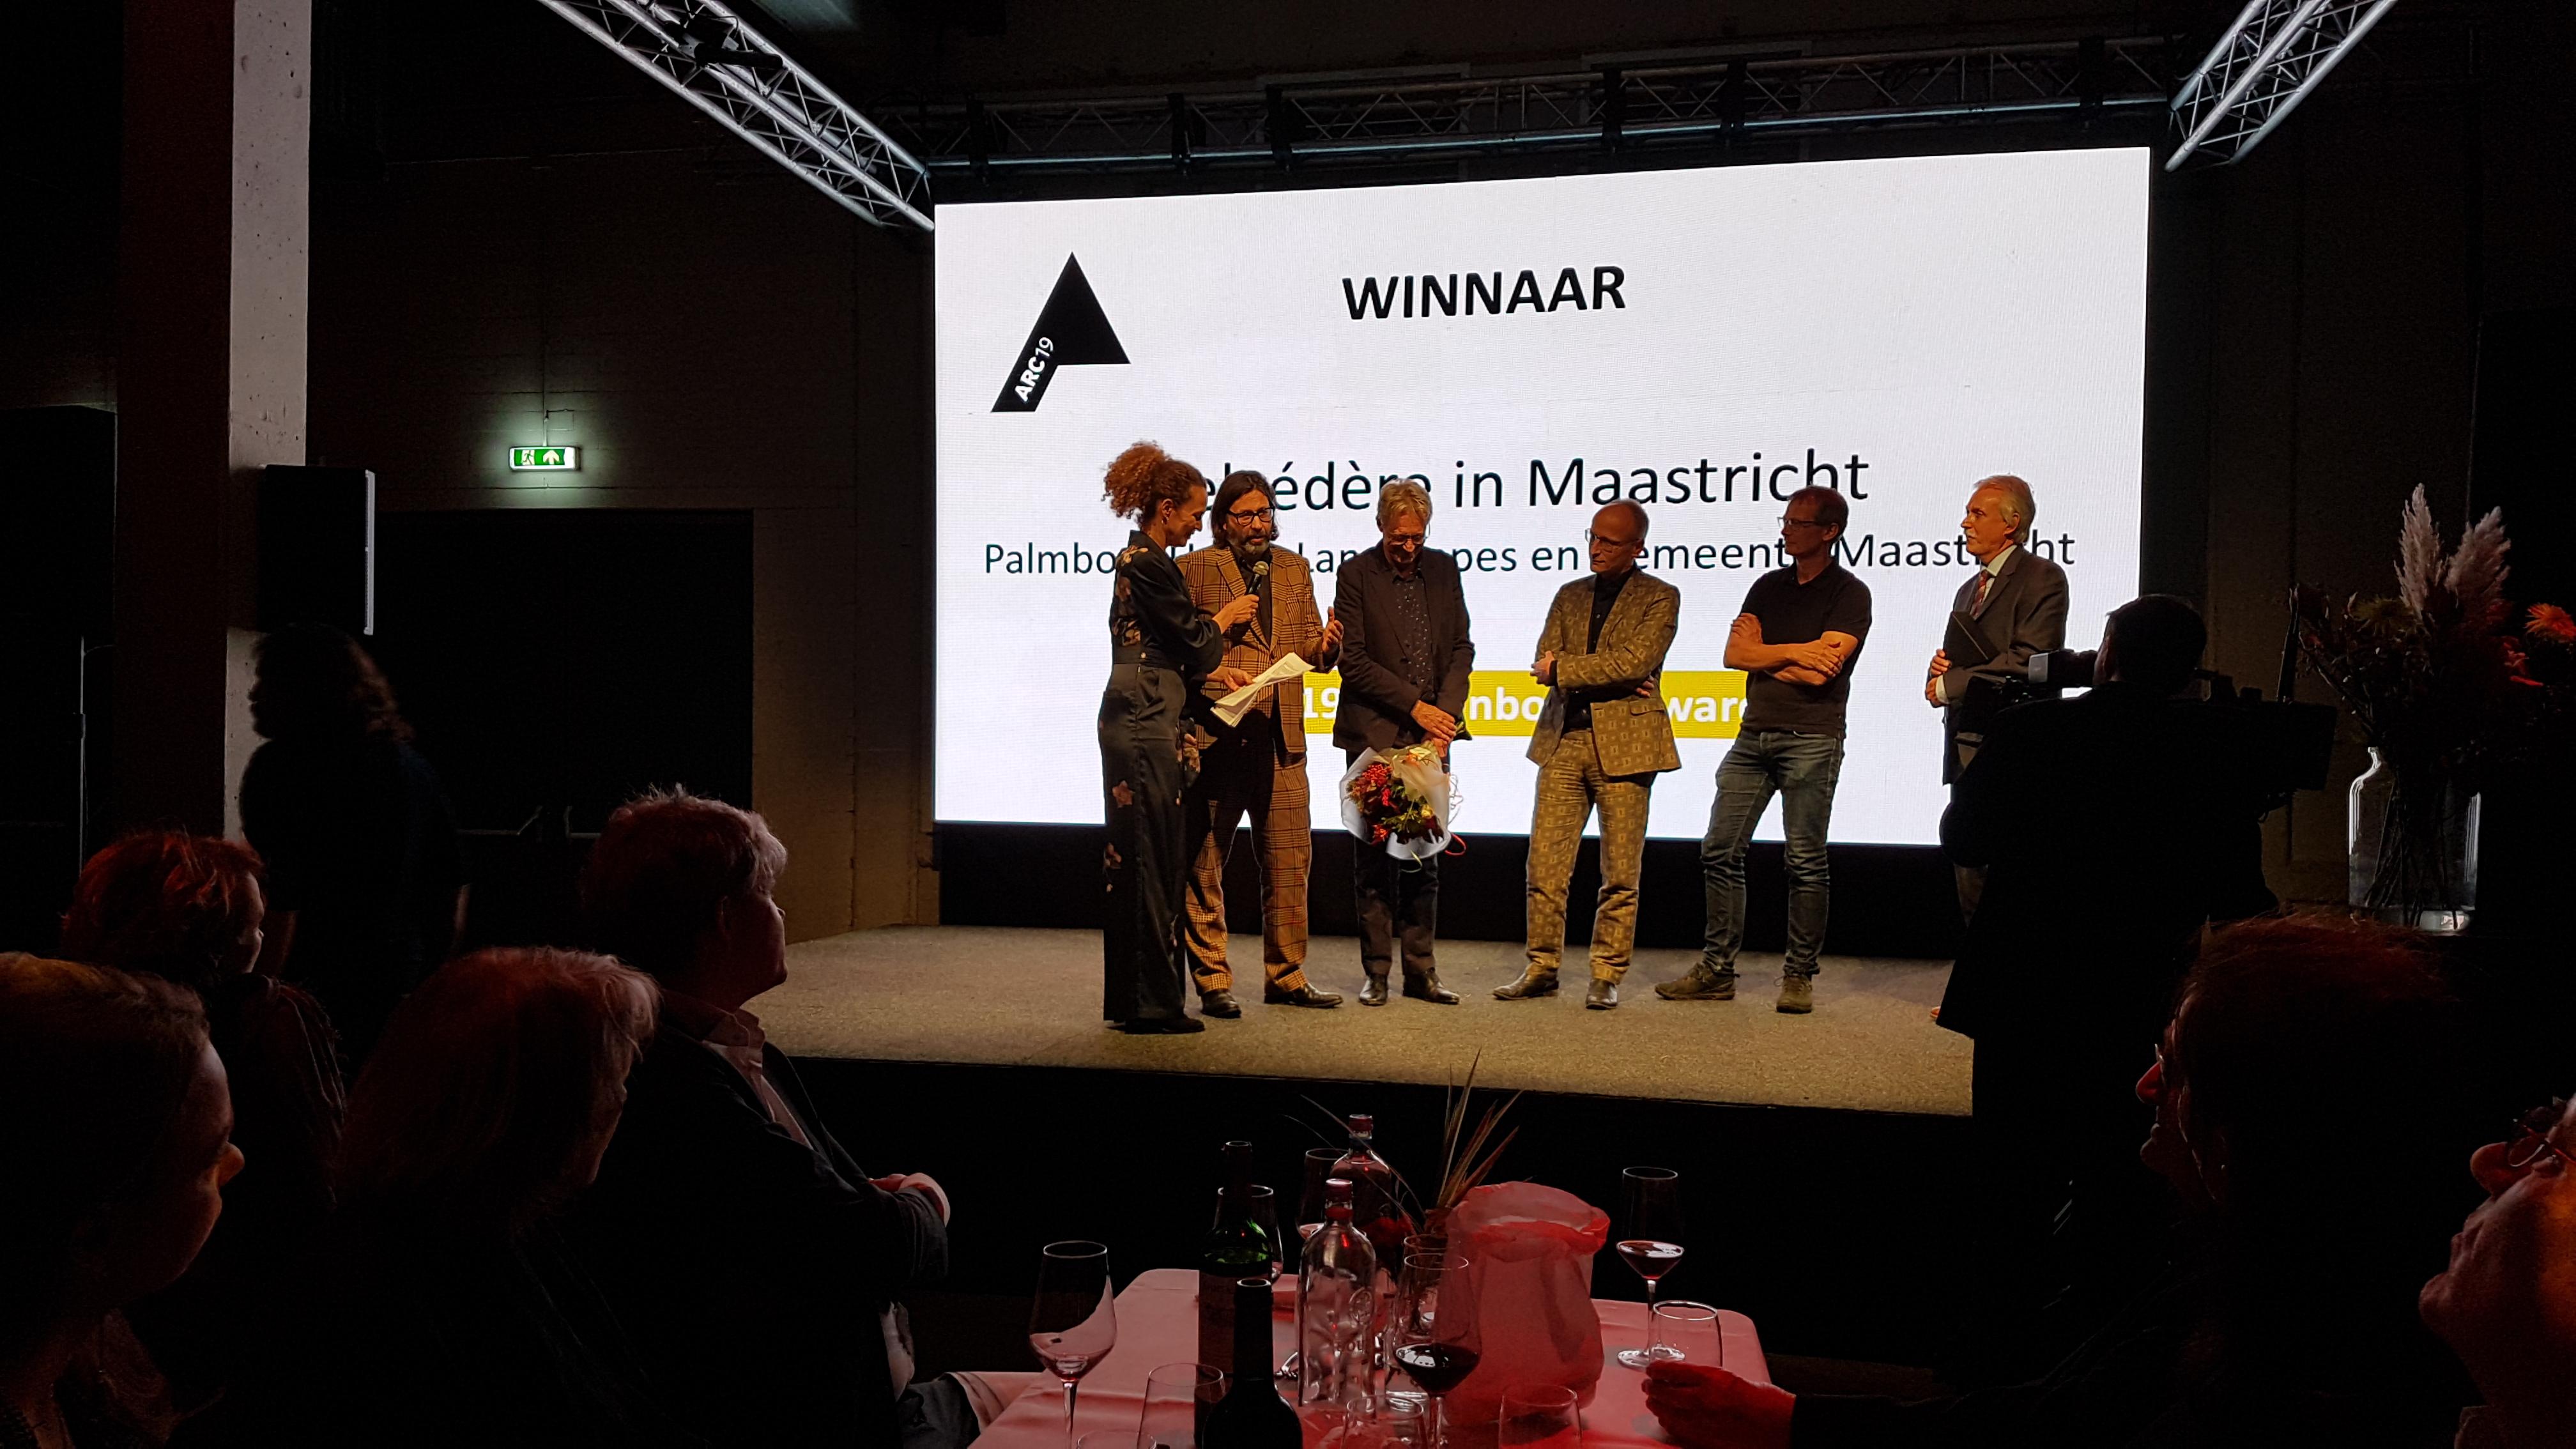 <p>Belvédère Maastricht door Palmbout en gemeente Maastricht is de winnaar van de eerste ARC19 Stedenbouw Award</p>